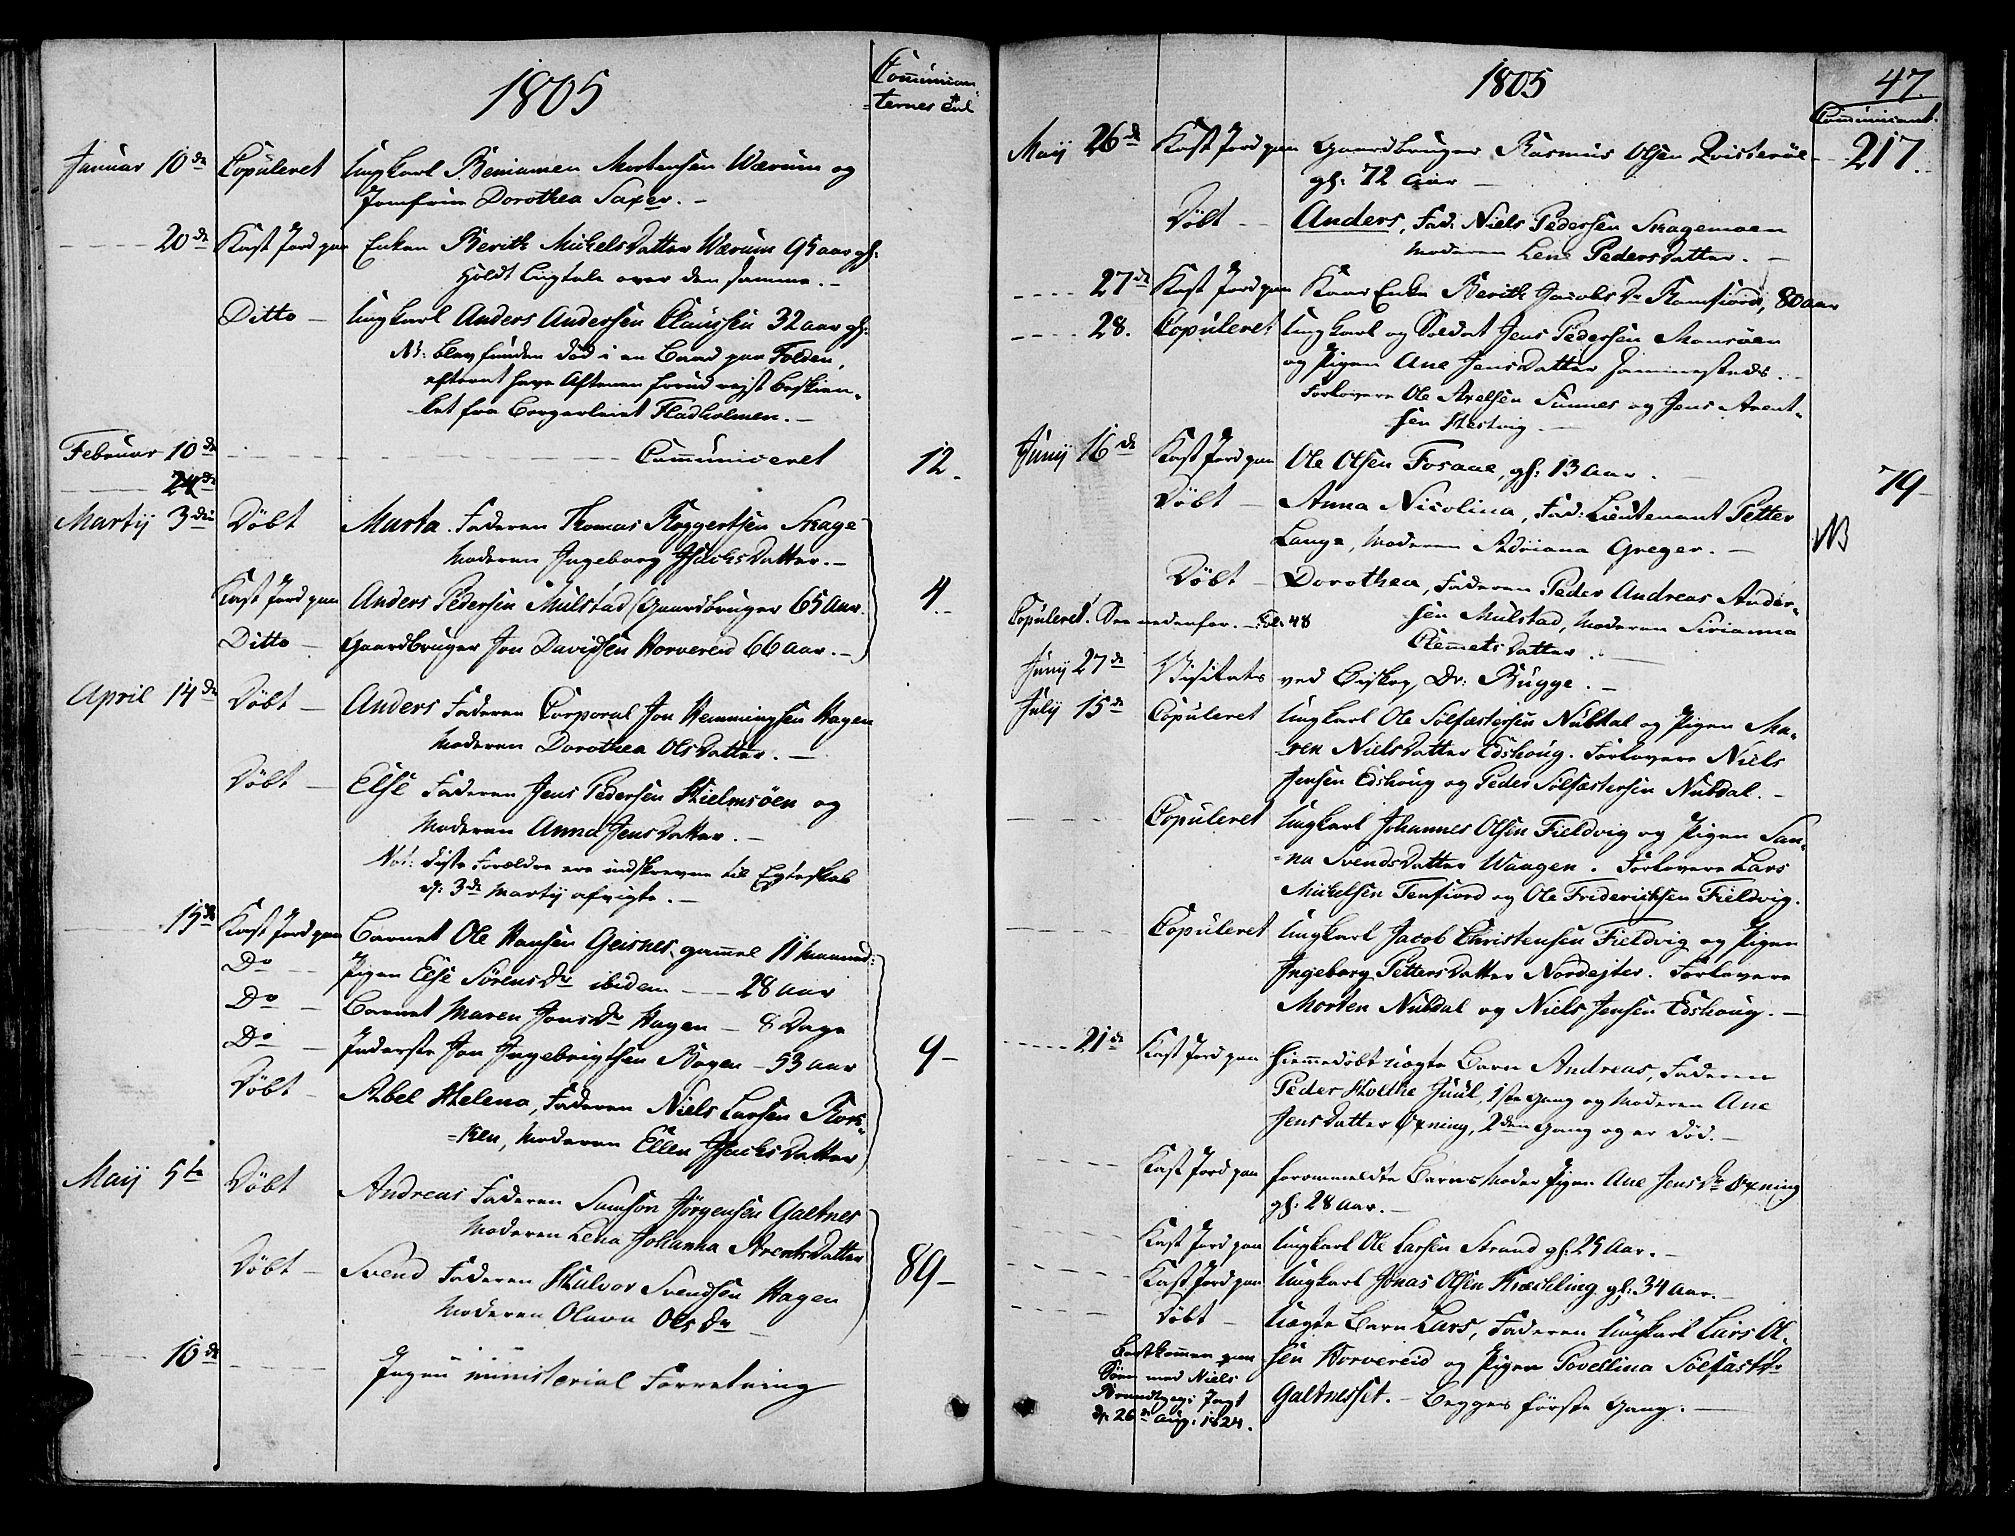 SAT, Ministerialprotokoller, klokkerbøker og fødselsregistre - Nord-Trøndelag, 780/L0633: Ministerialbok nr. 780A02 /1, 1787-1814, s. 47